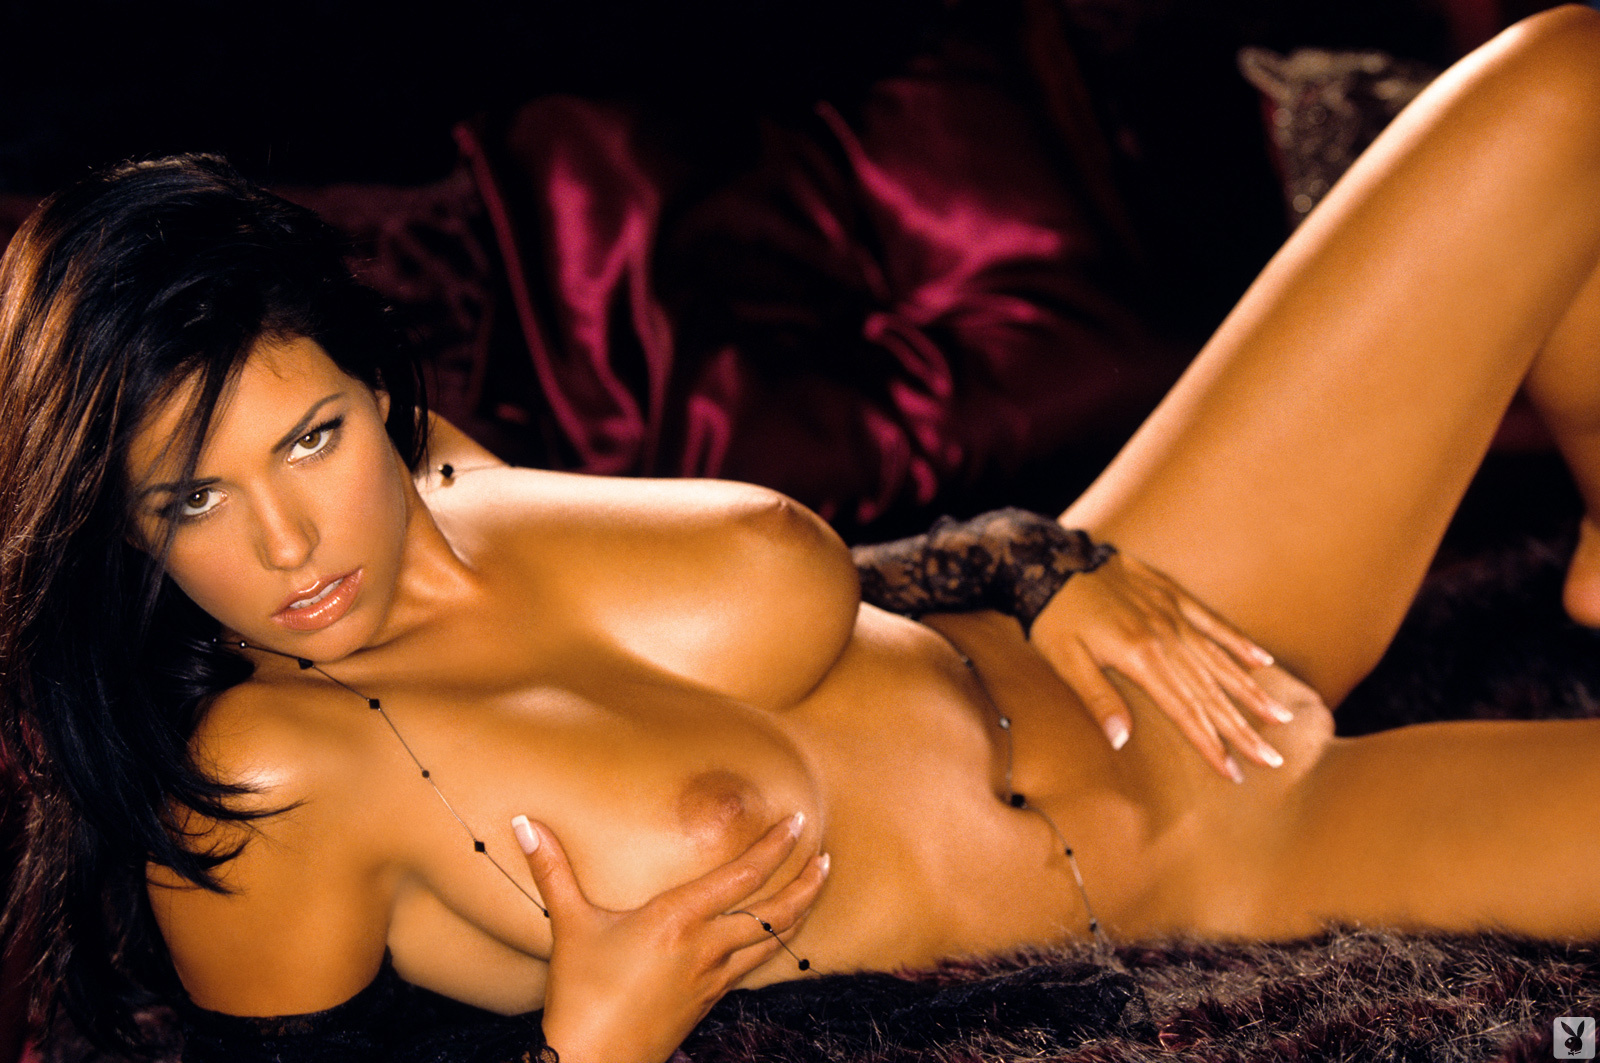 Фут фетиш самые красивые порно модели фото онлайн звезды